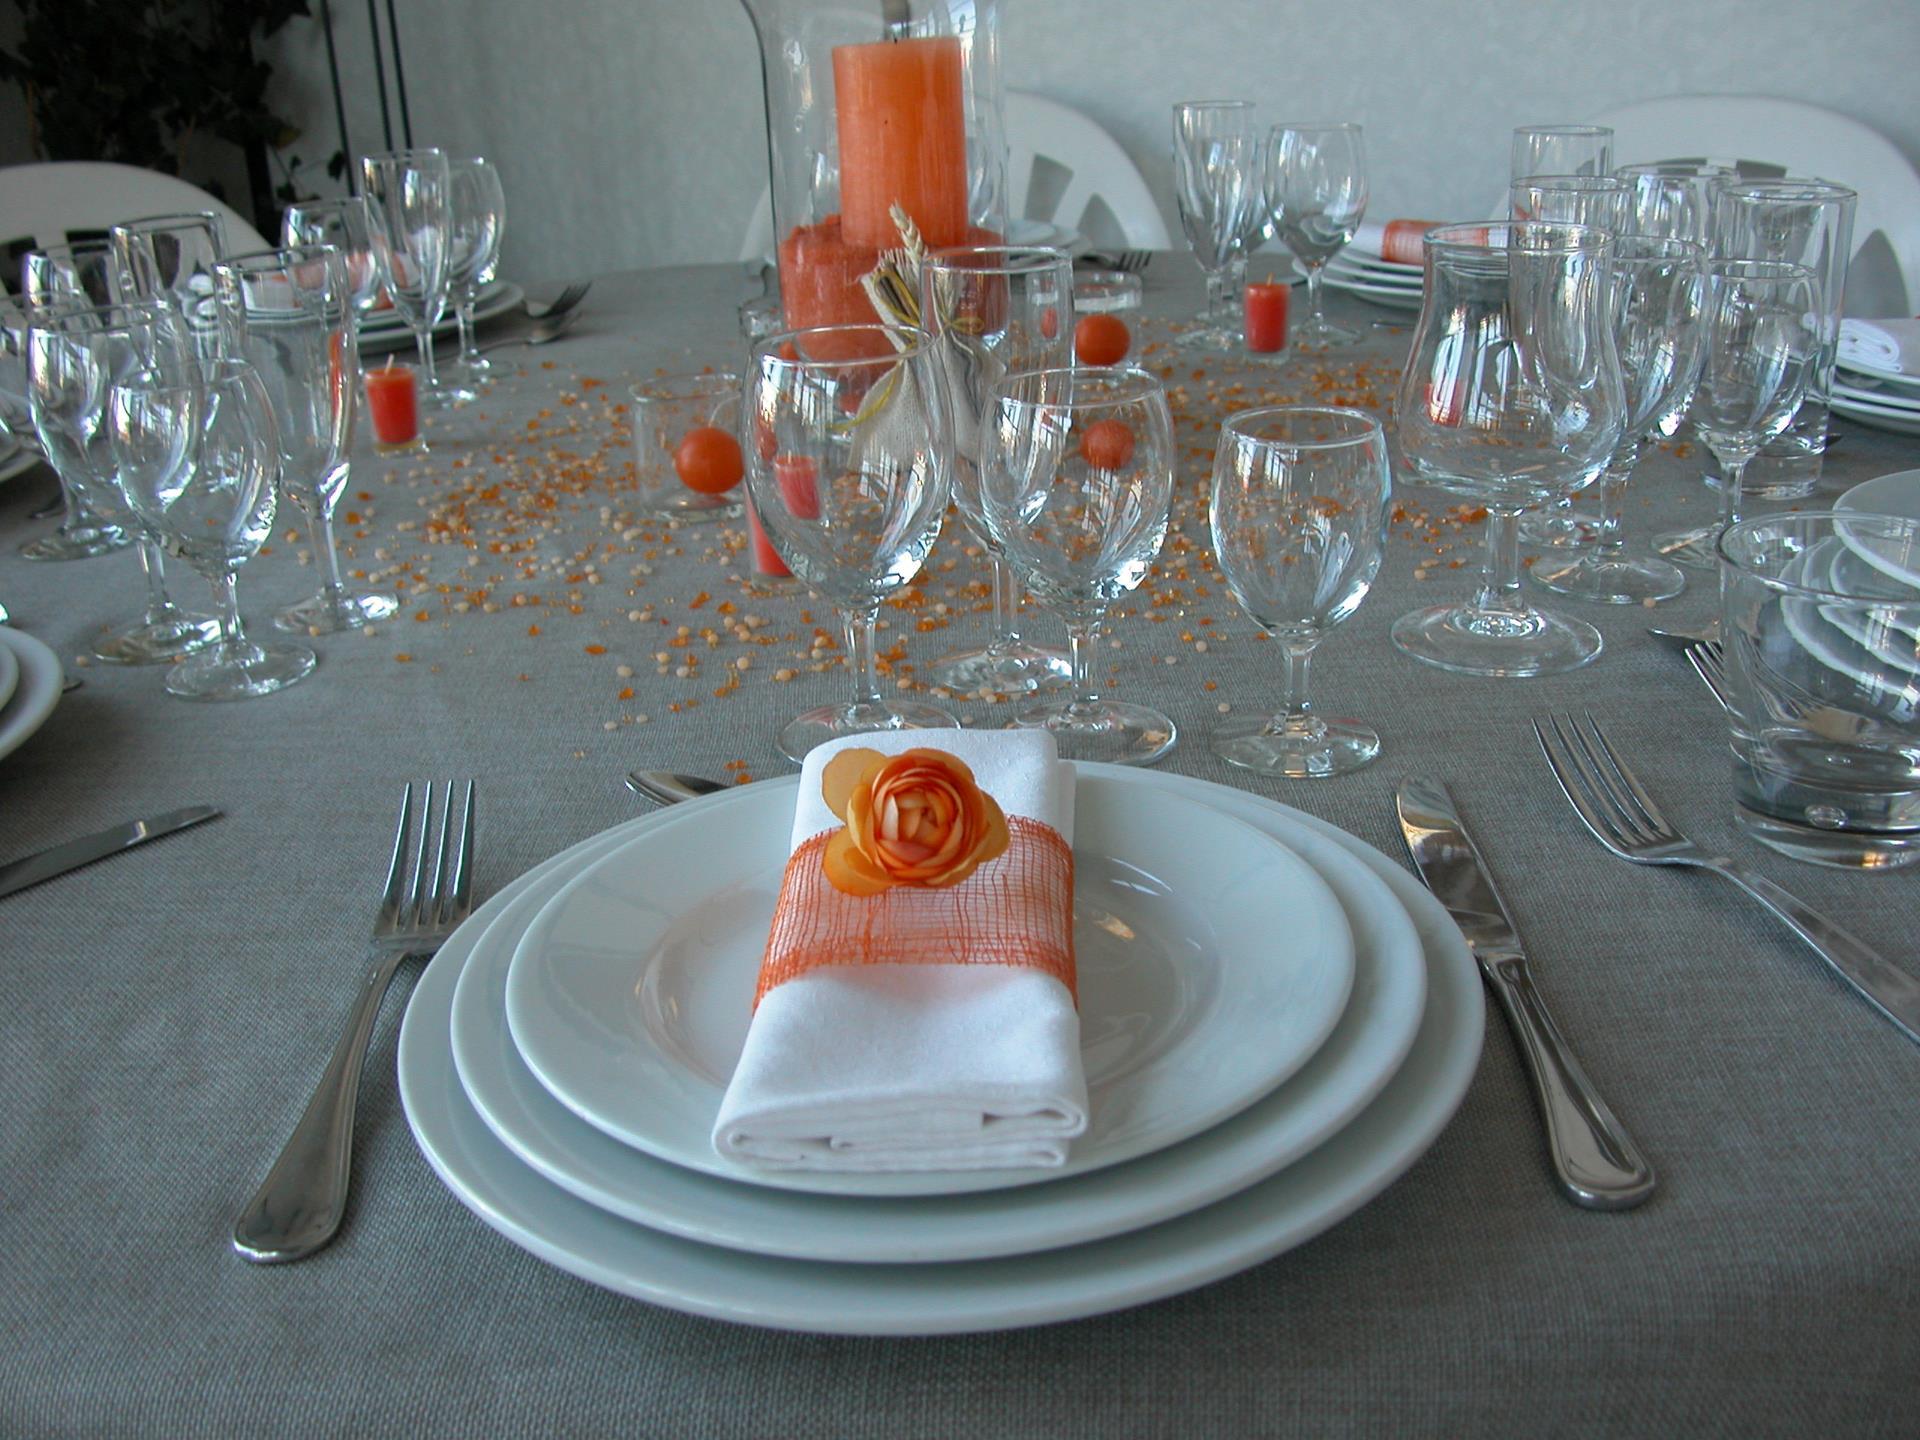 Cette gammesimple et efficace sera parfaite pour vos anniversaires et repas associatifs et sportifs